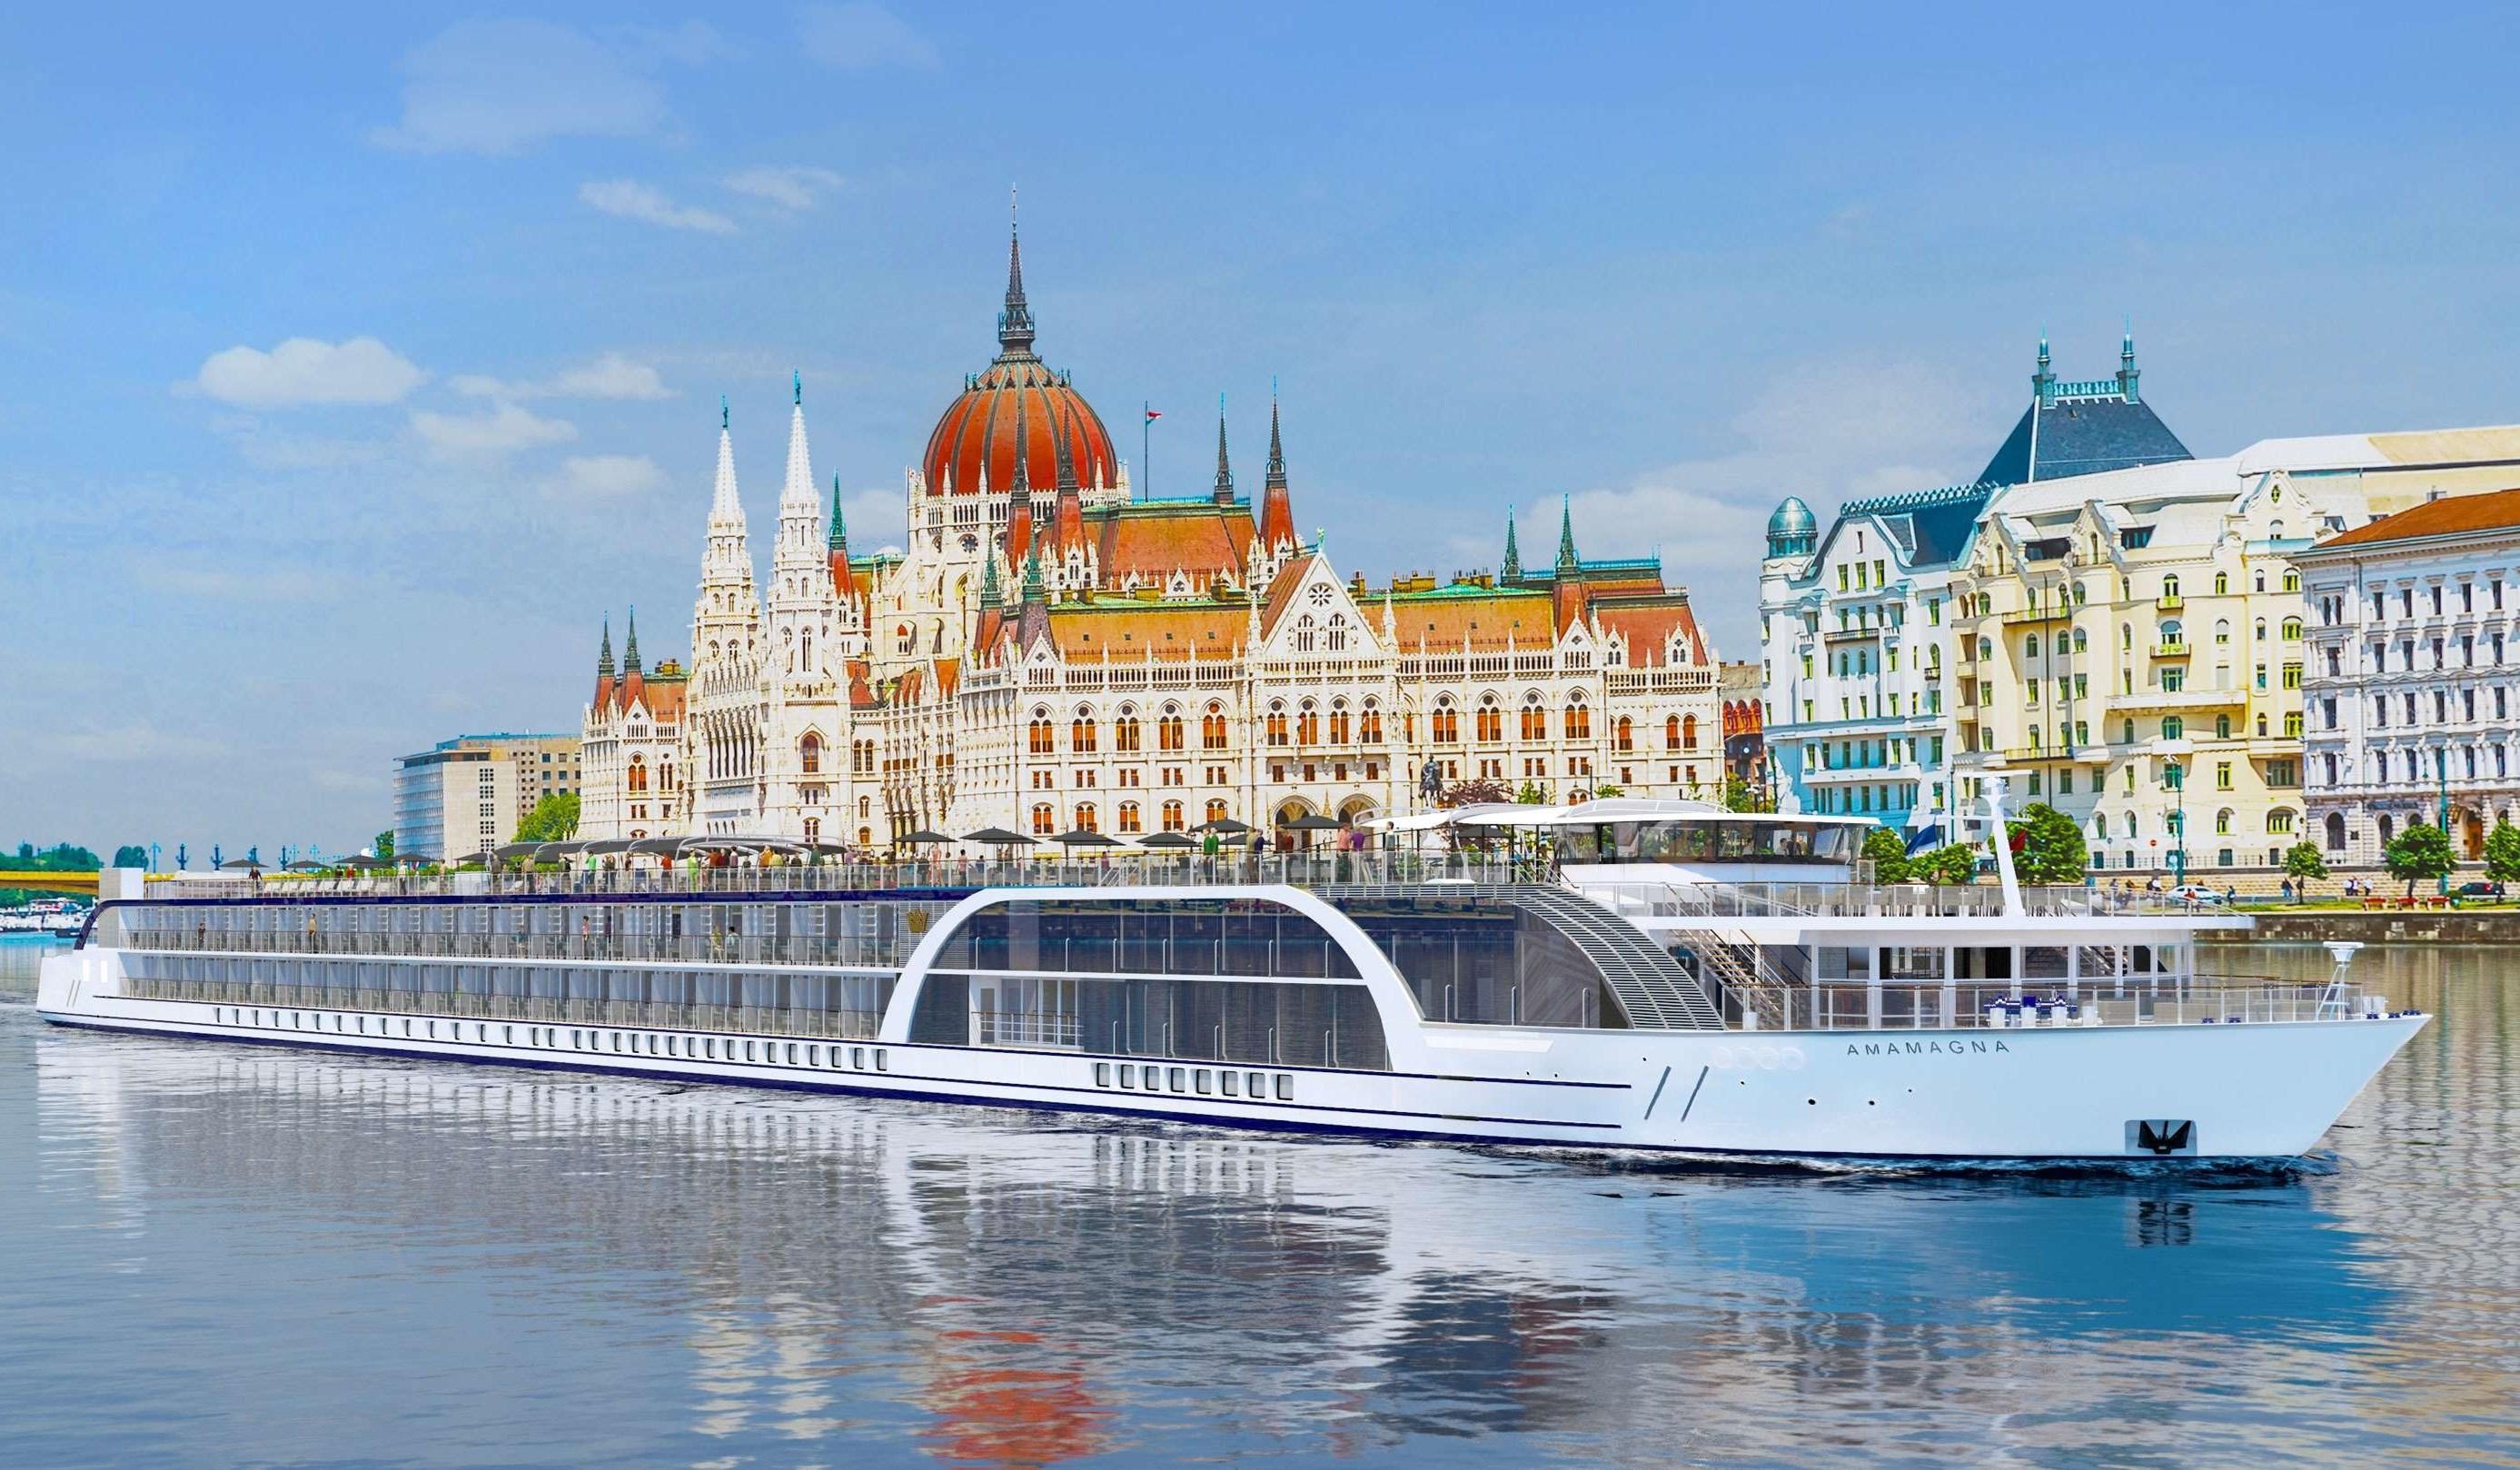 萊茵河河輪之旅